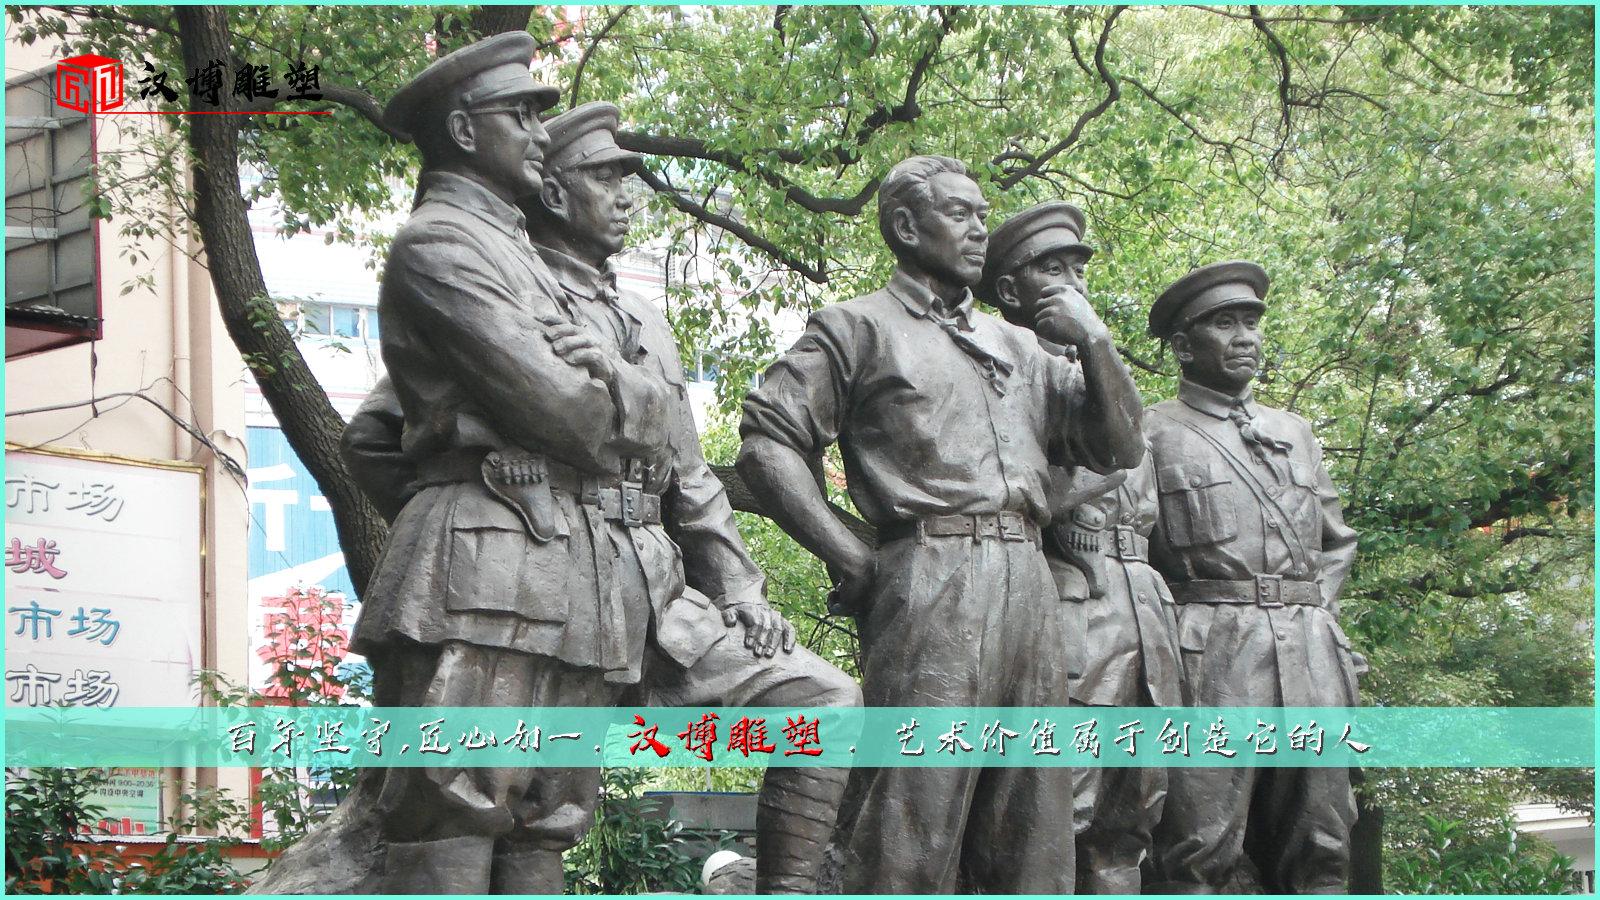 历史名人雕塑,一起欣赏名人故事